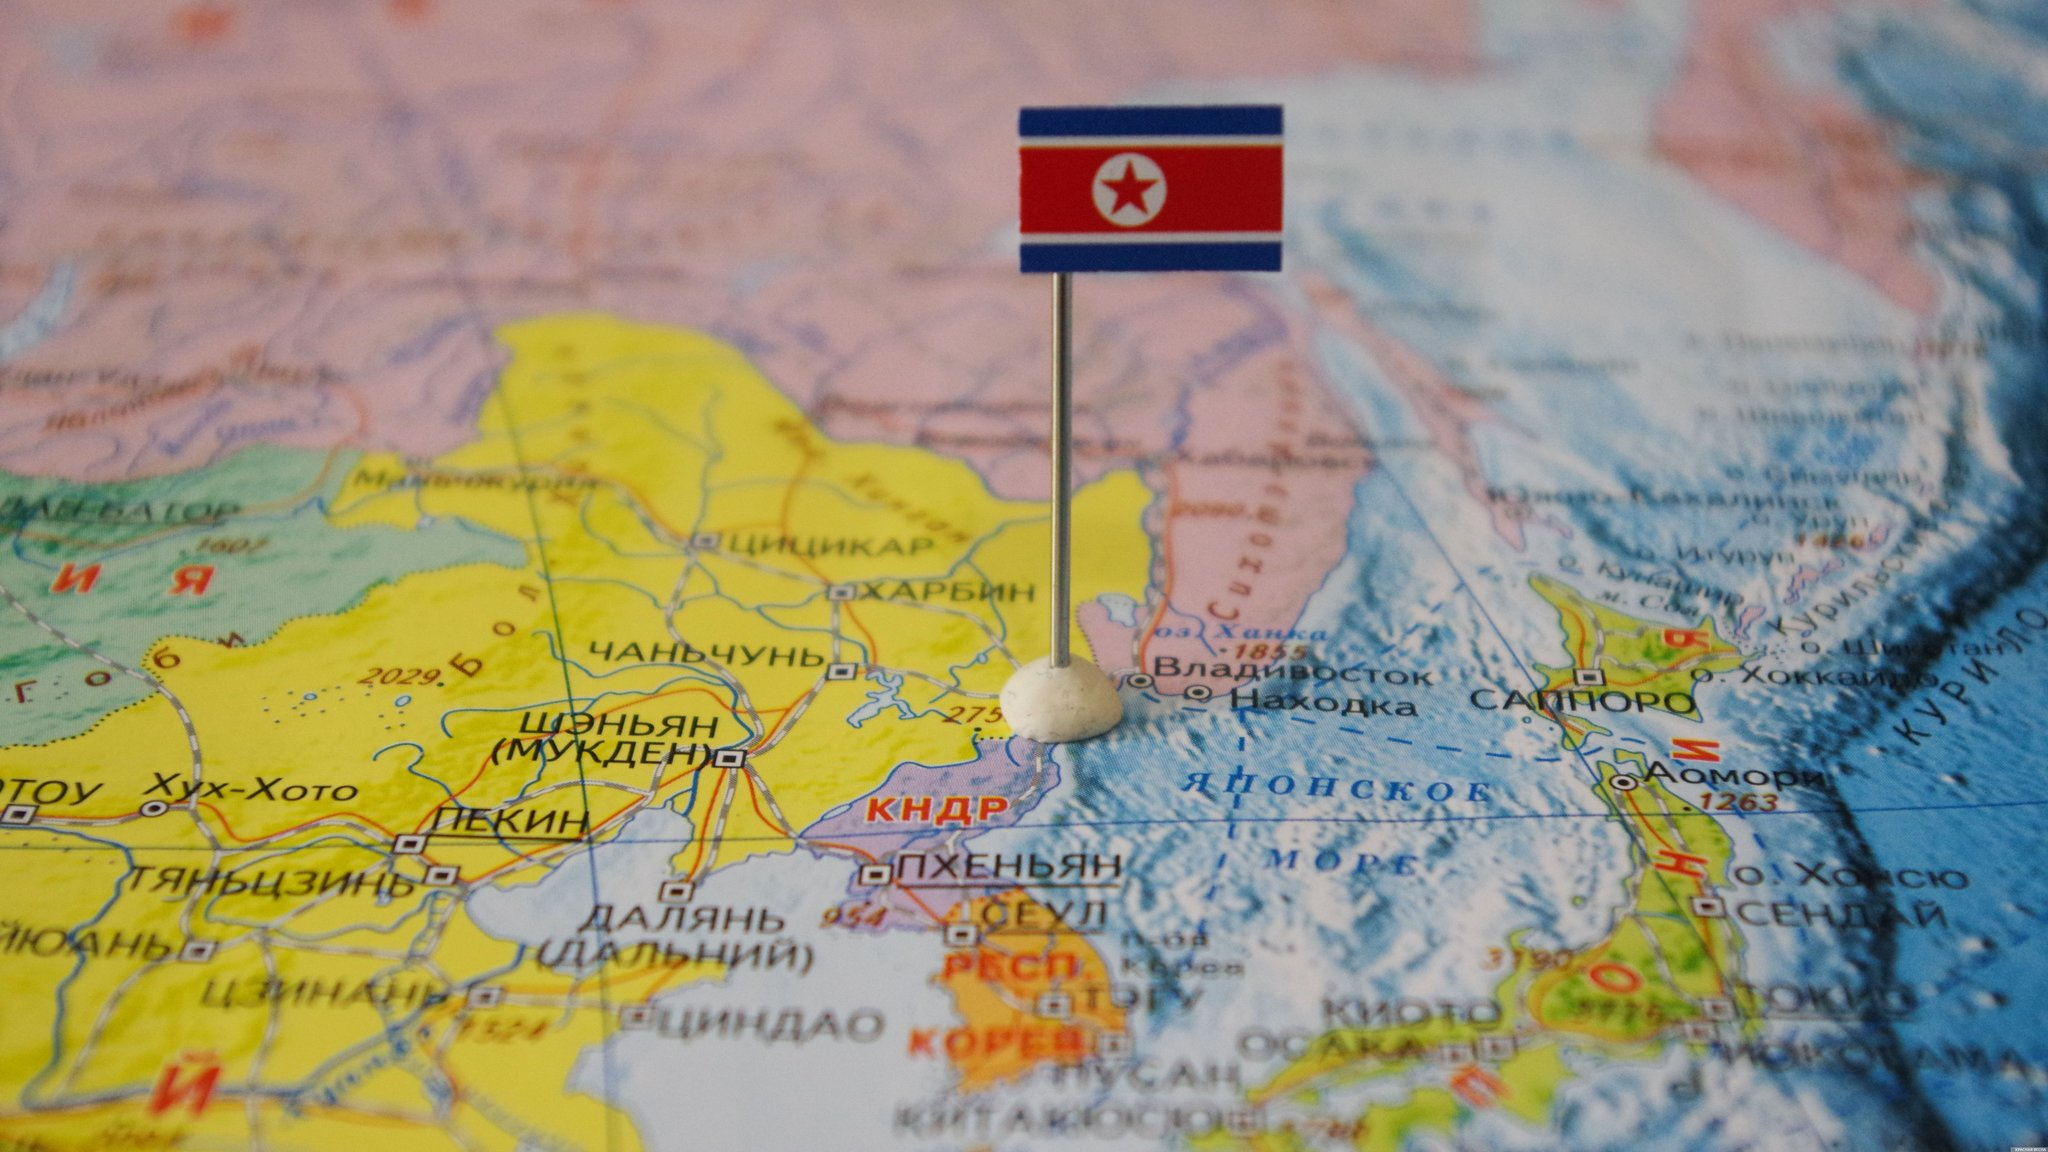 КНДР с флагом на карте мира. 08.11.17